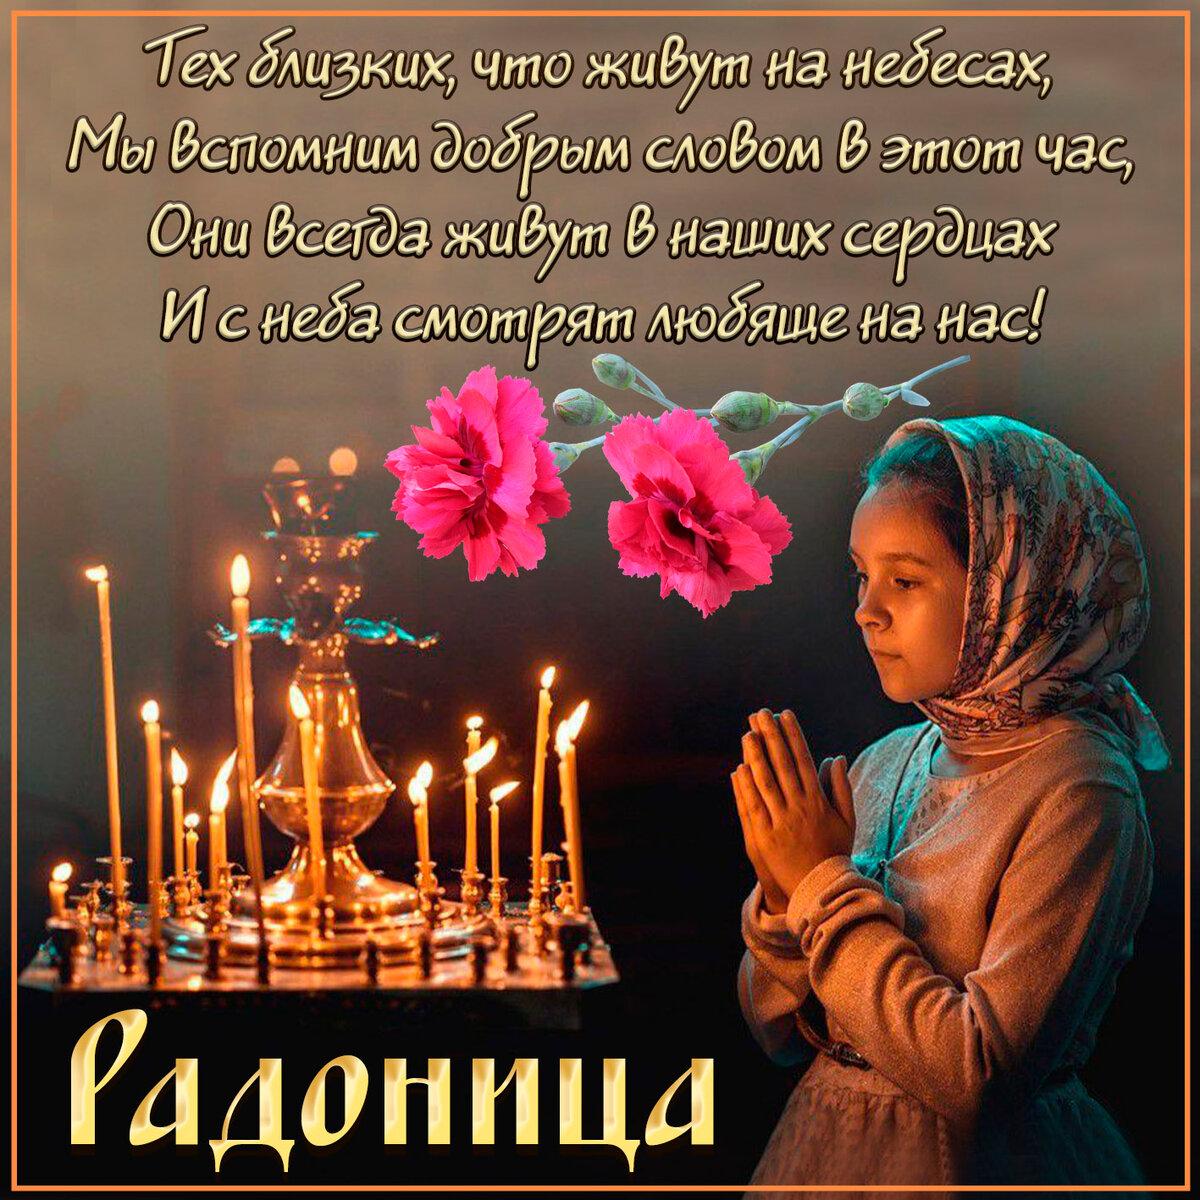 Радоница (радуница): красивые картинки и открытки с поздравлениями